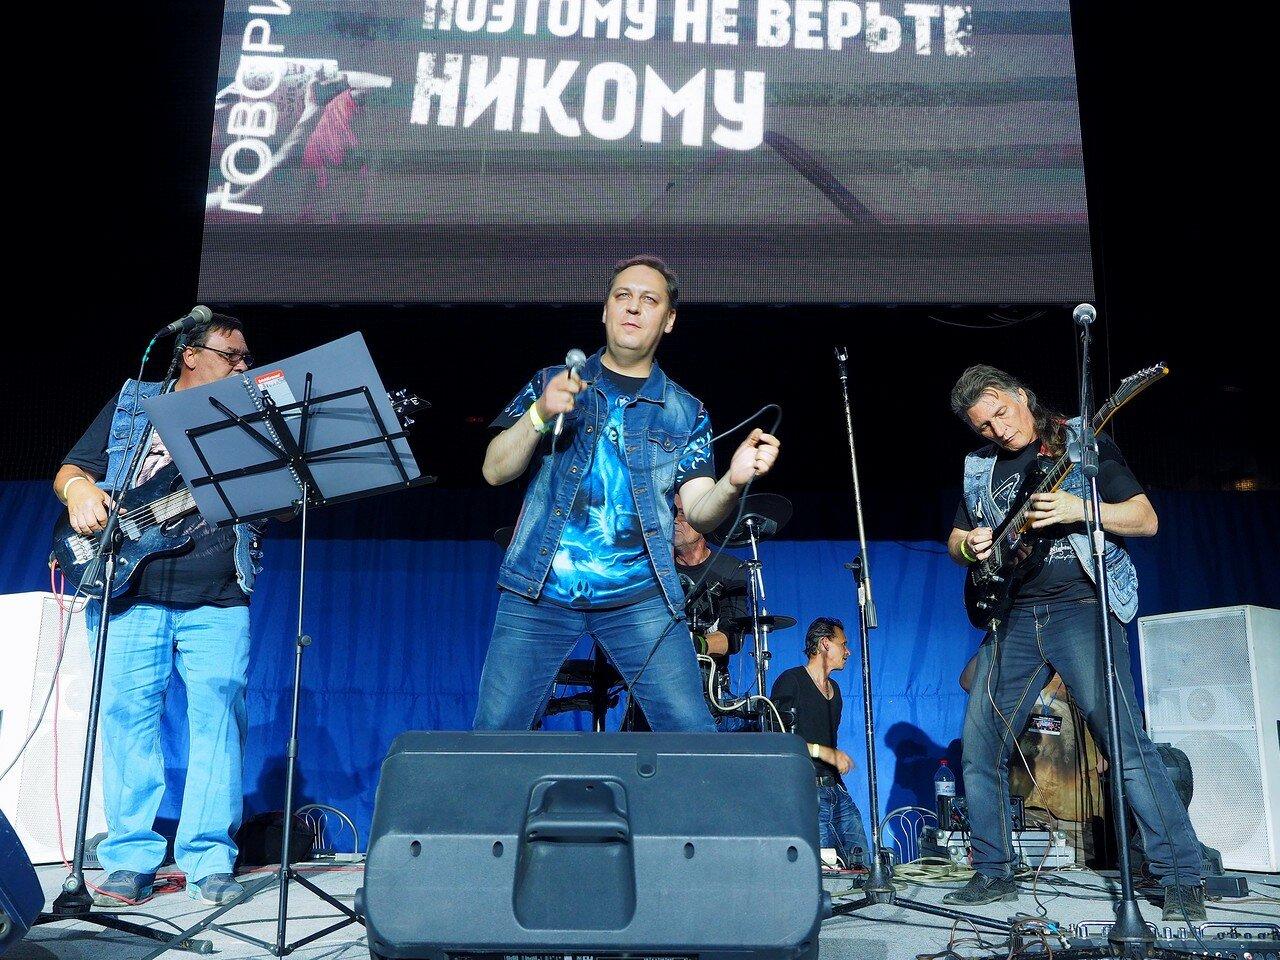 98 Вечер профессионального бокса в Магнитогорске 06.07.2017